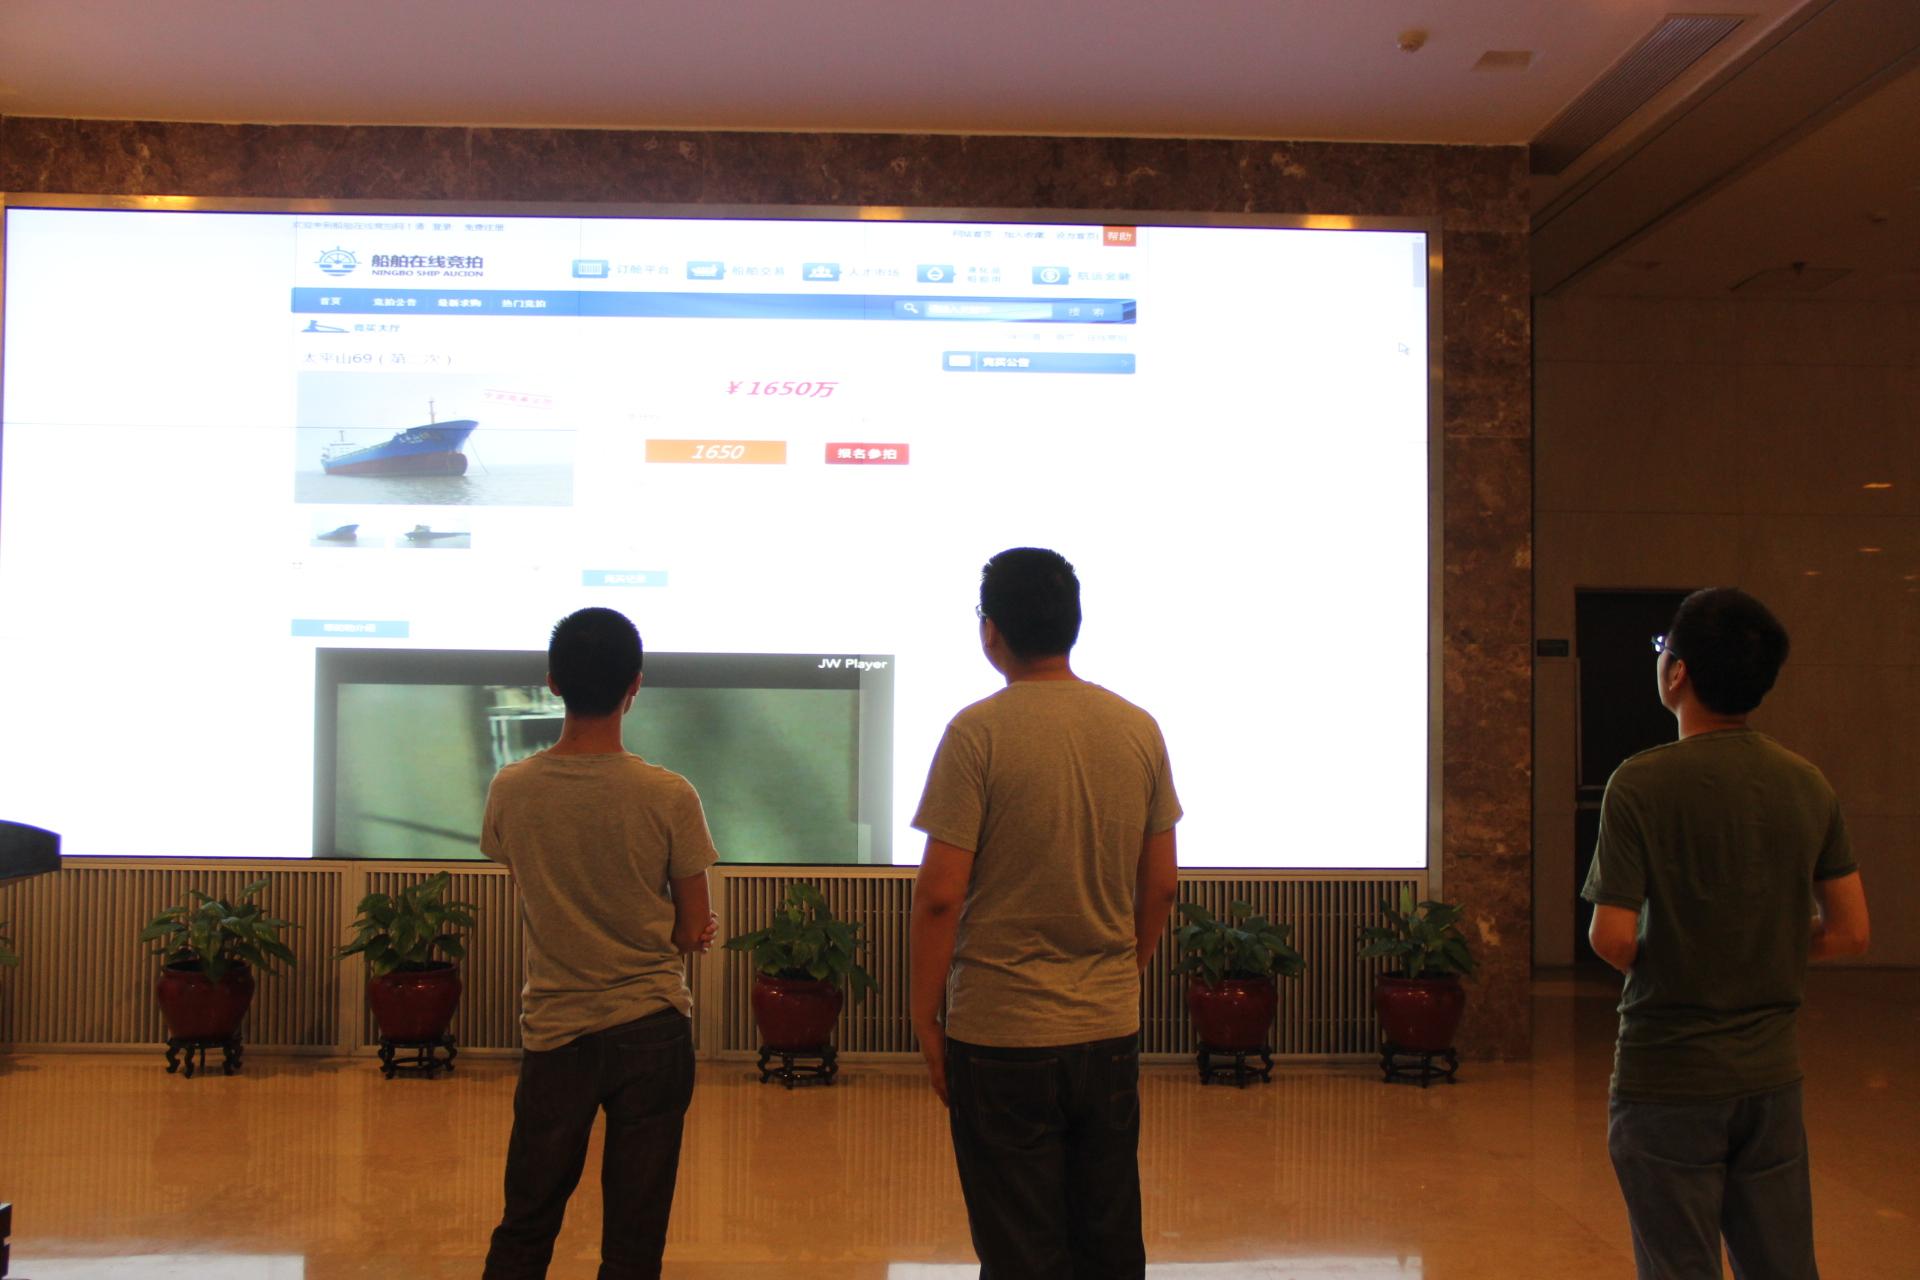 宁波海事法院首次通过专业竞拍网成功处置扣押船舶